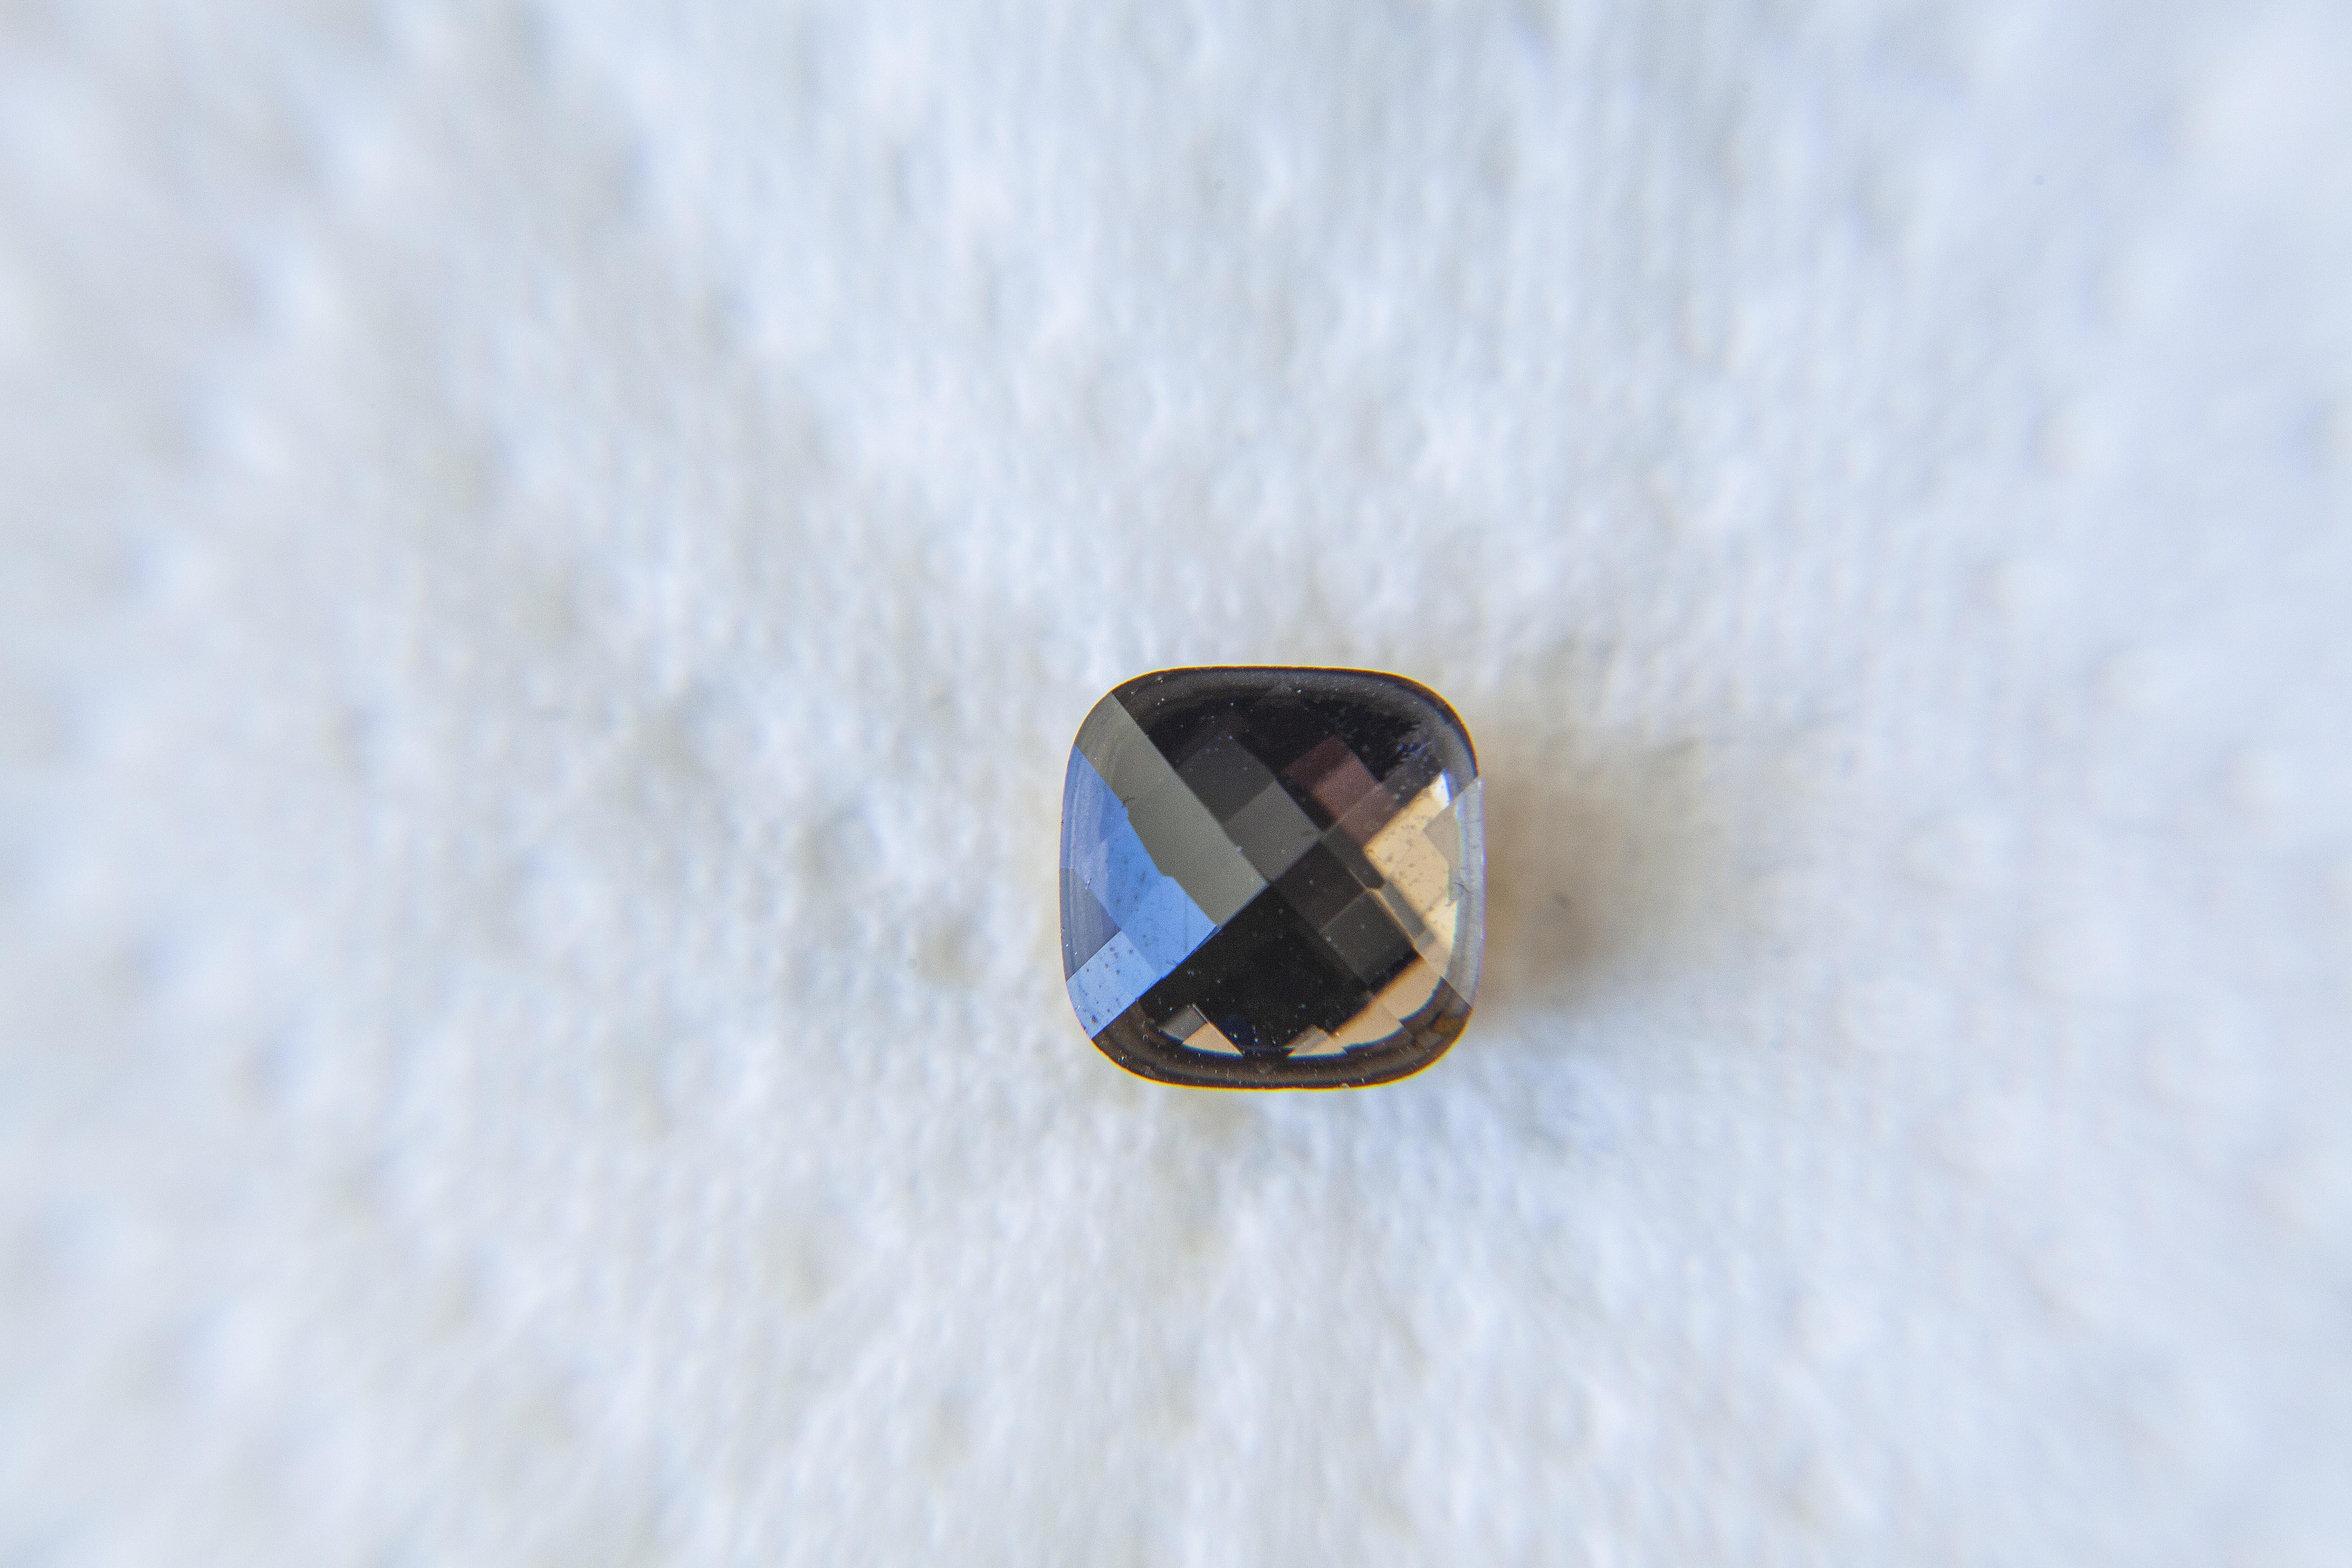 Schmuckset vergoldet, Ringgrößen XXS, XS und S